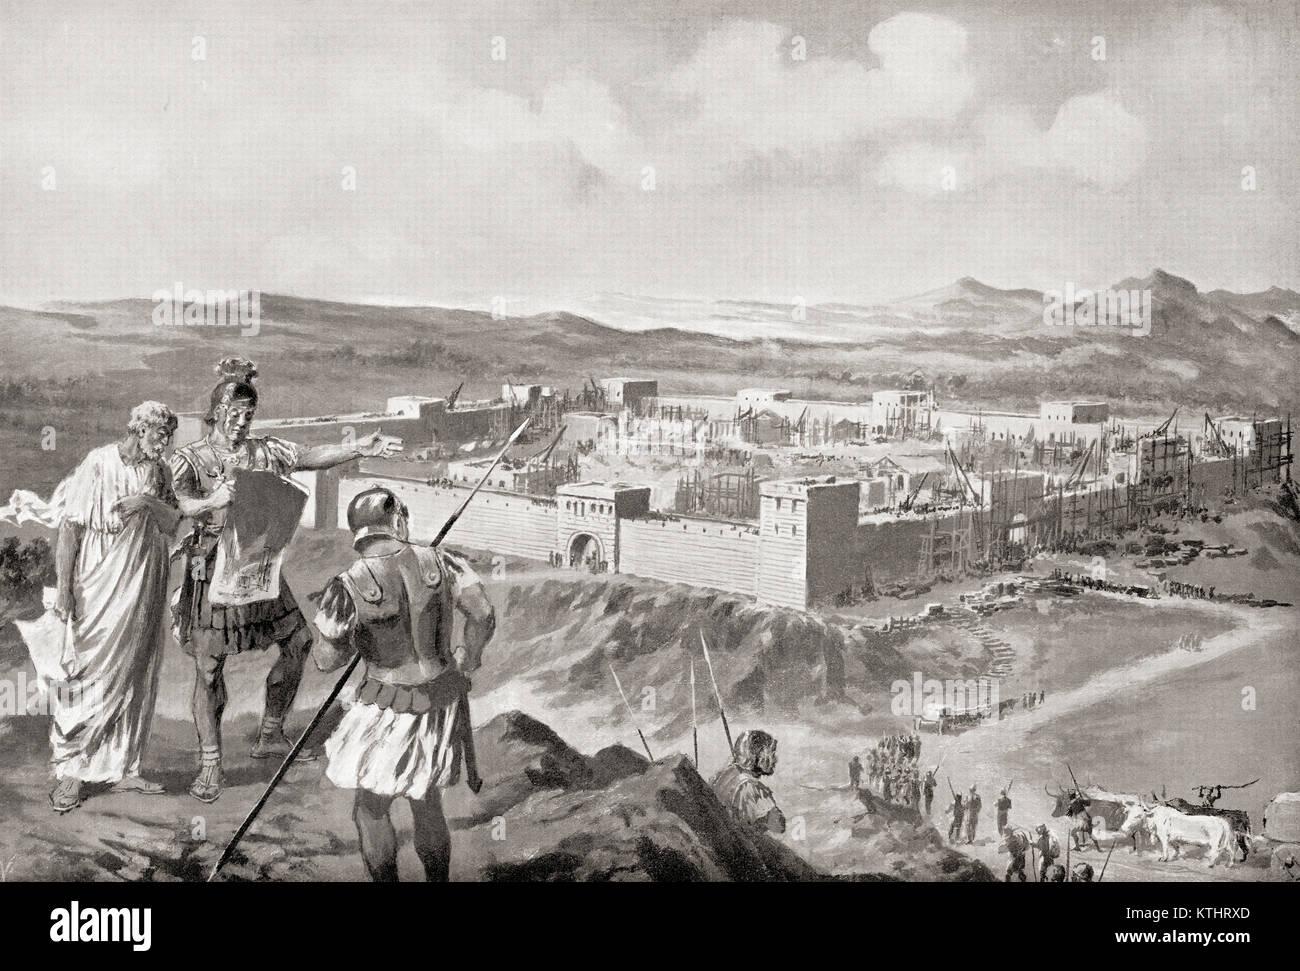 Une colonie latine, une colonie romaine en territoire conquis. L'histoire de Hutchinson de l'ONU, publié Photo Stock